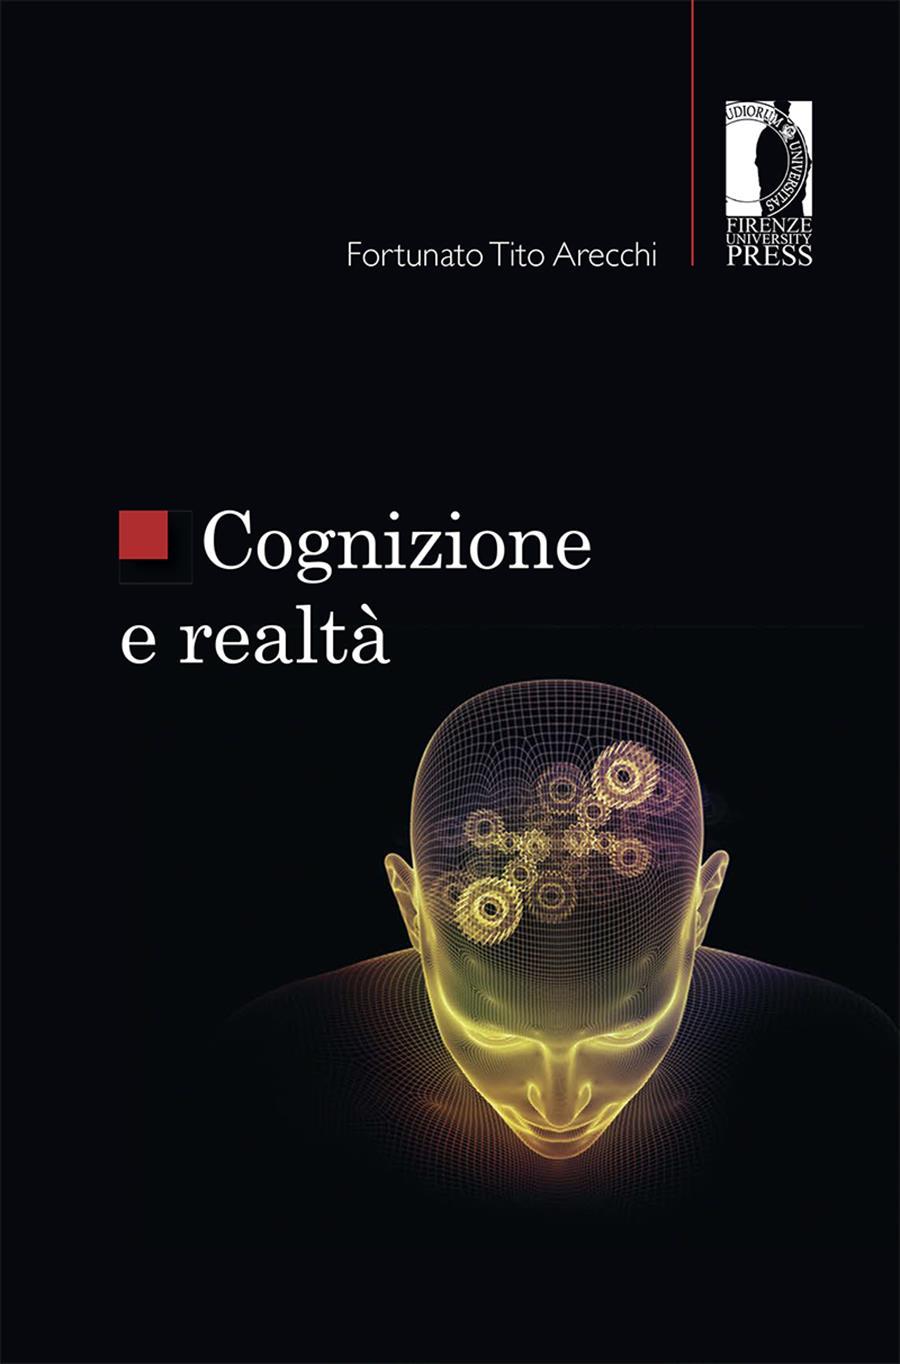 Cognizione e realtà